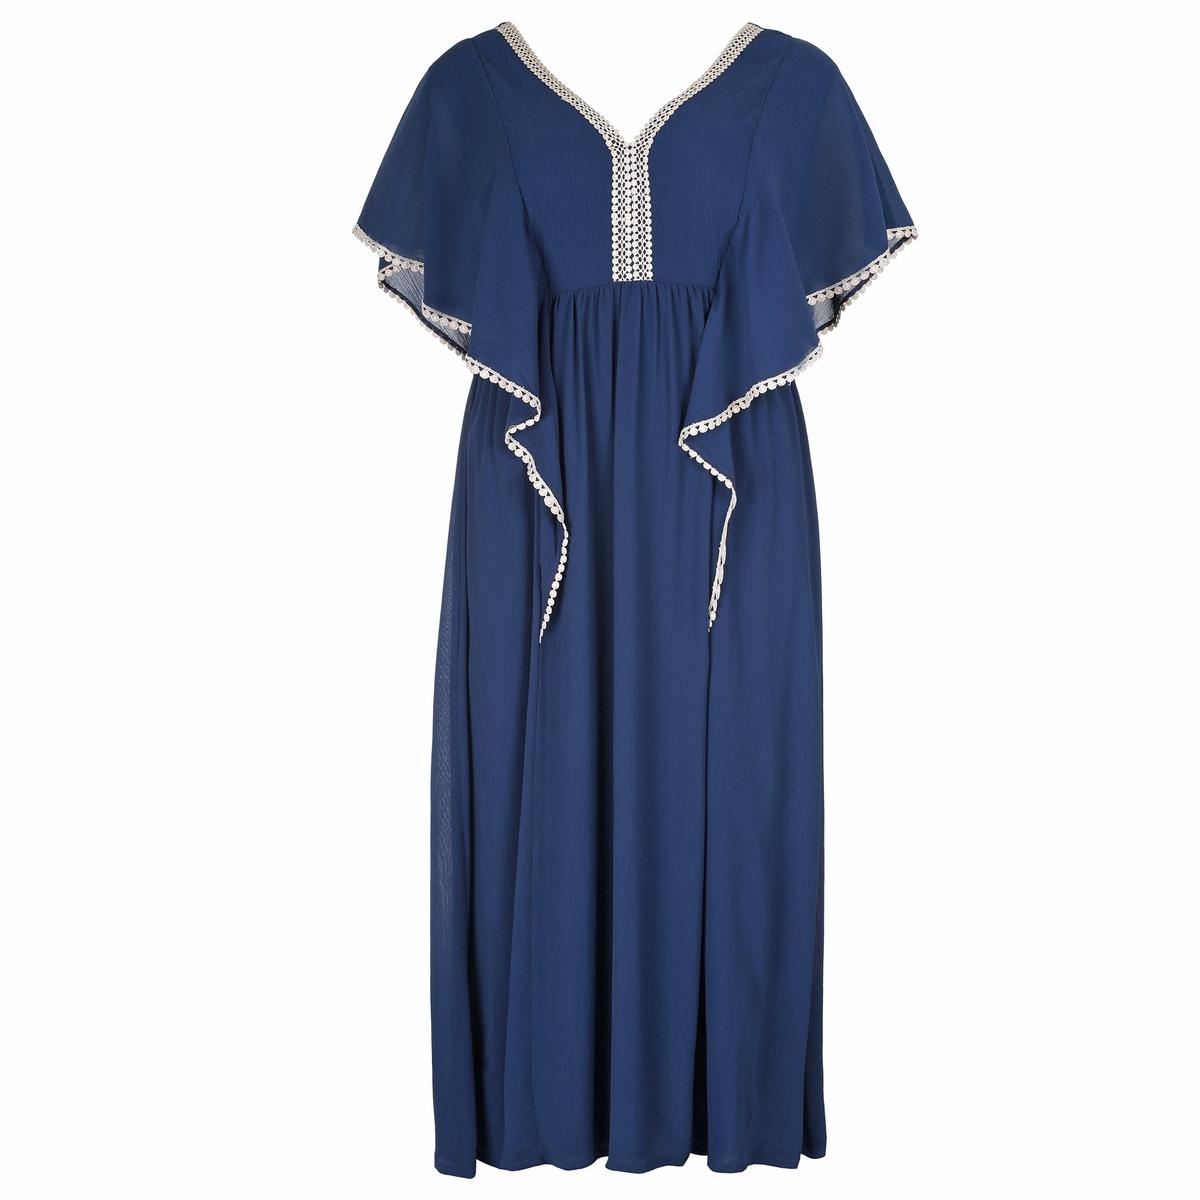 ПлатьеПлатье-макси MAT FASHION.Длинный расклешенный покрой, приталенное платье, эластичная спинка. Короткие рукава с воланами. V-образный вырез и рукава украшены кружевом золотистого цвета. 100% полиэстер<br><br>Цвет: синий<br>Размер: 44/46 (FR) - 50/52 (RUS)